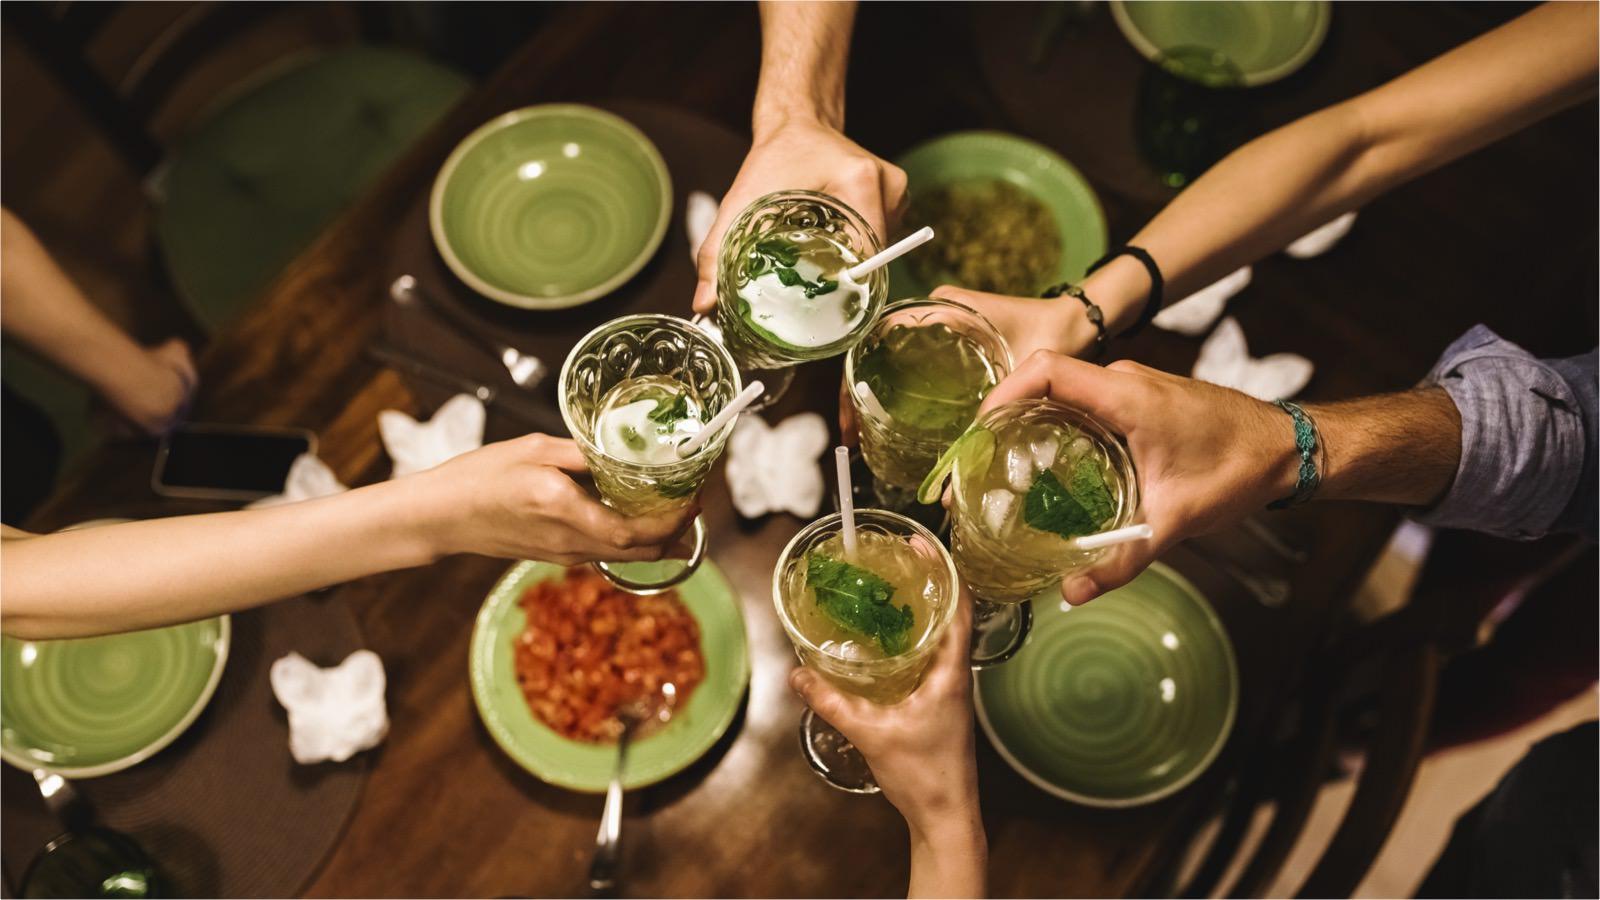 グルメ・飲食系インスタグラムキャンペーン事例3選